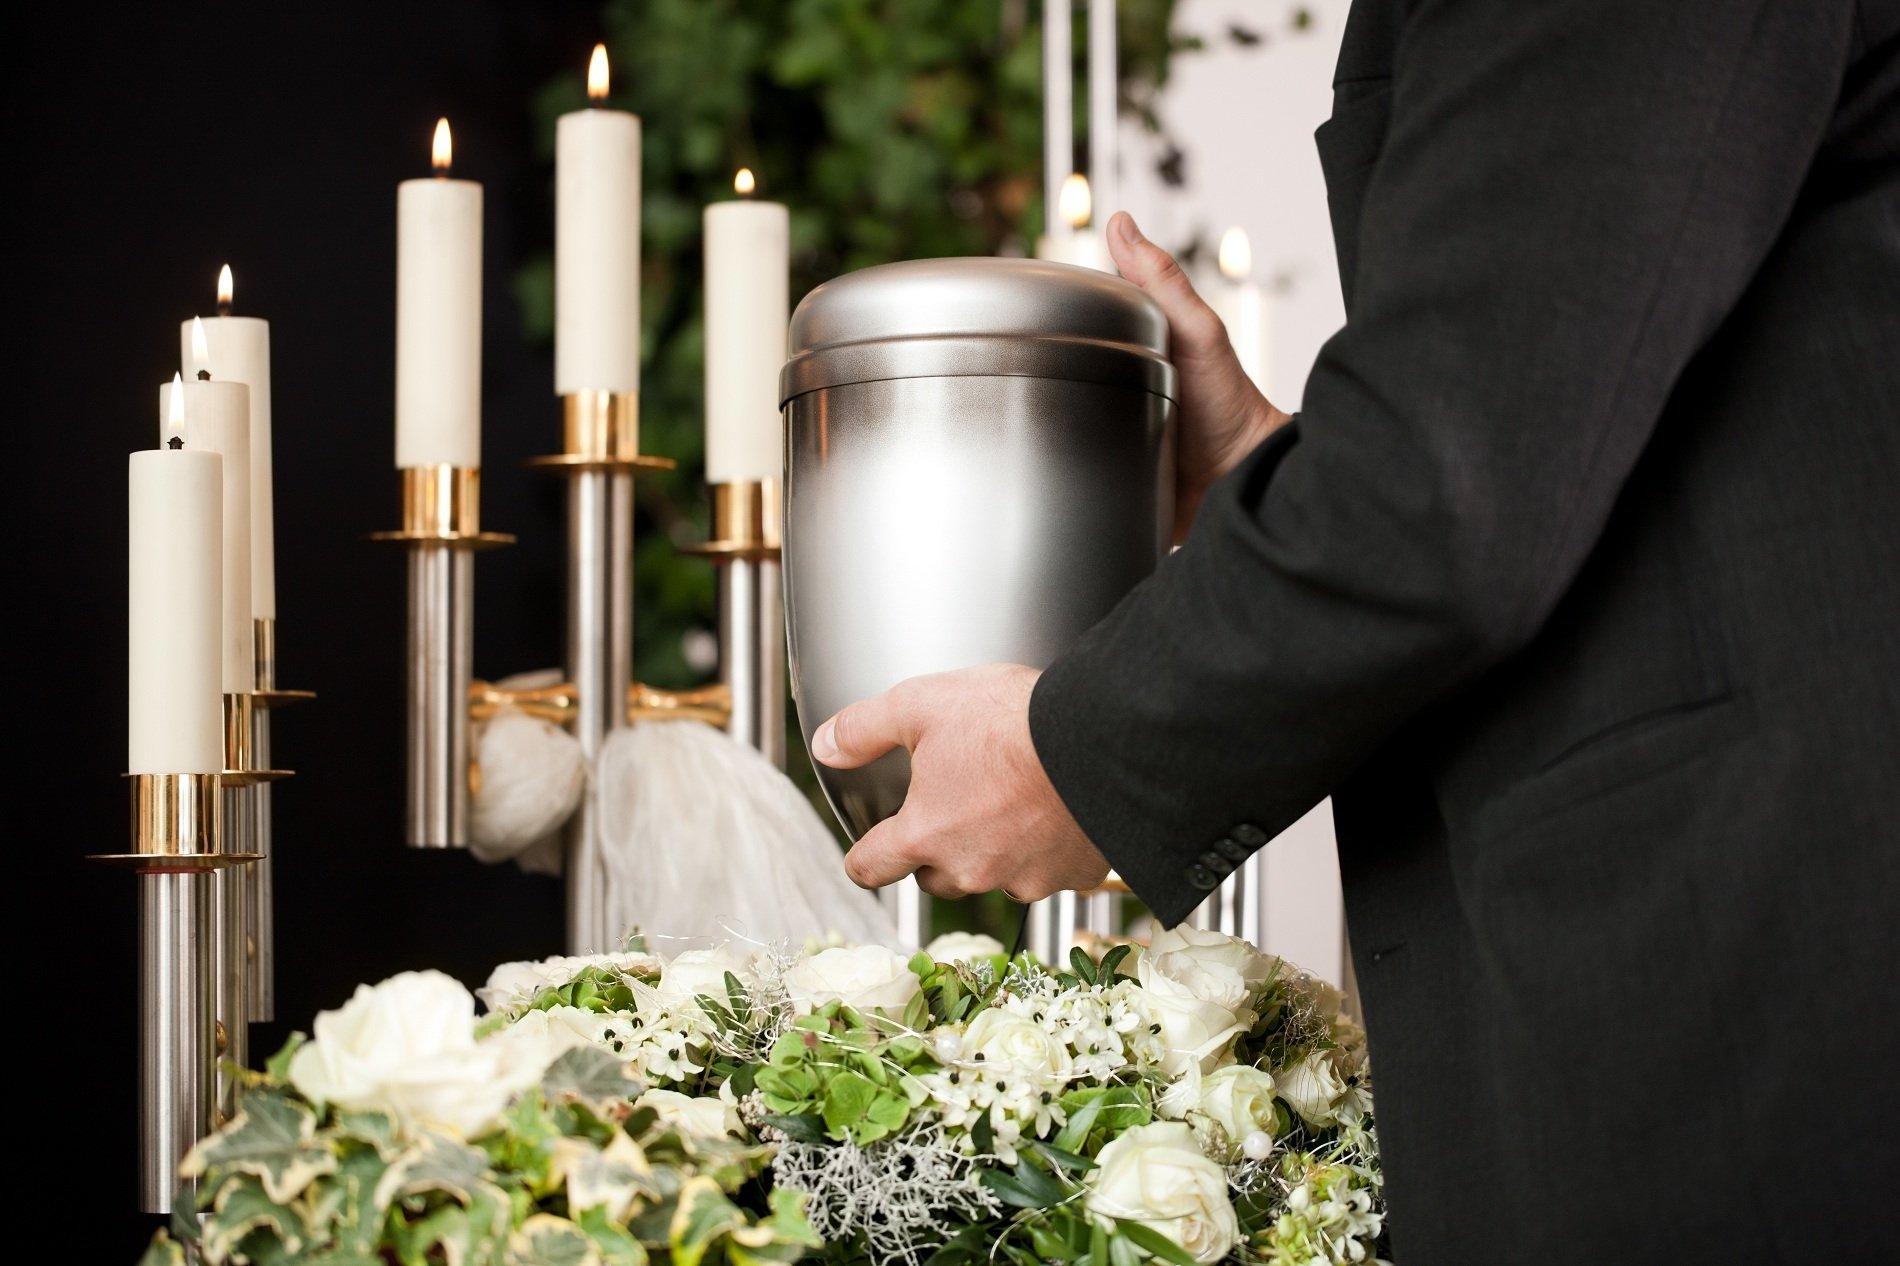 Uomo collocando sotto una urna sui fiori bianche accanto alcuni candele